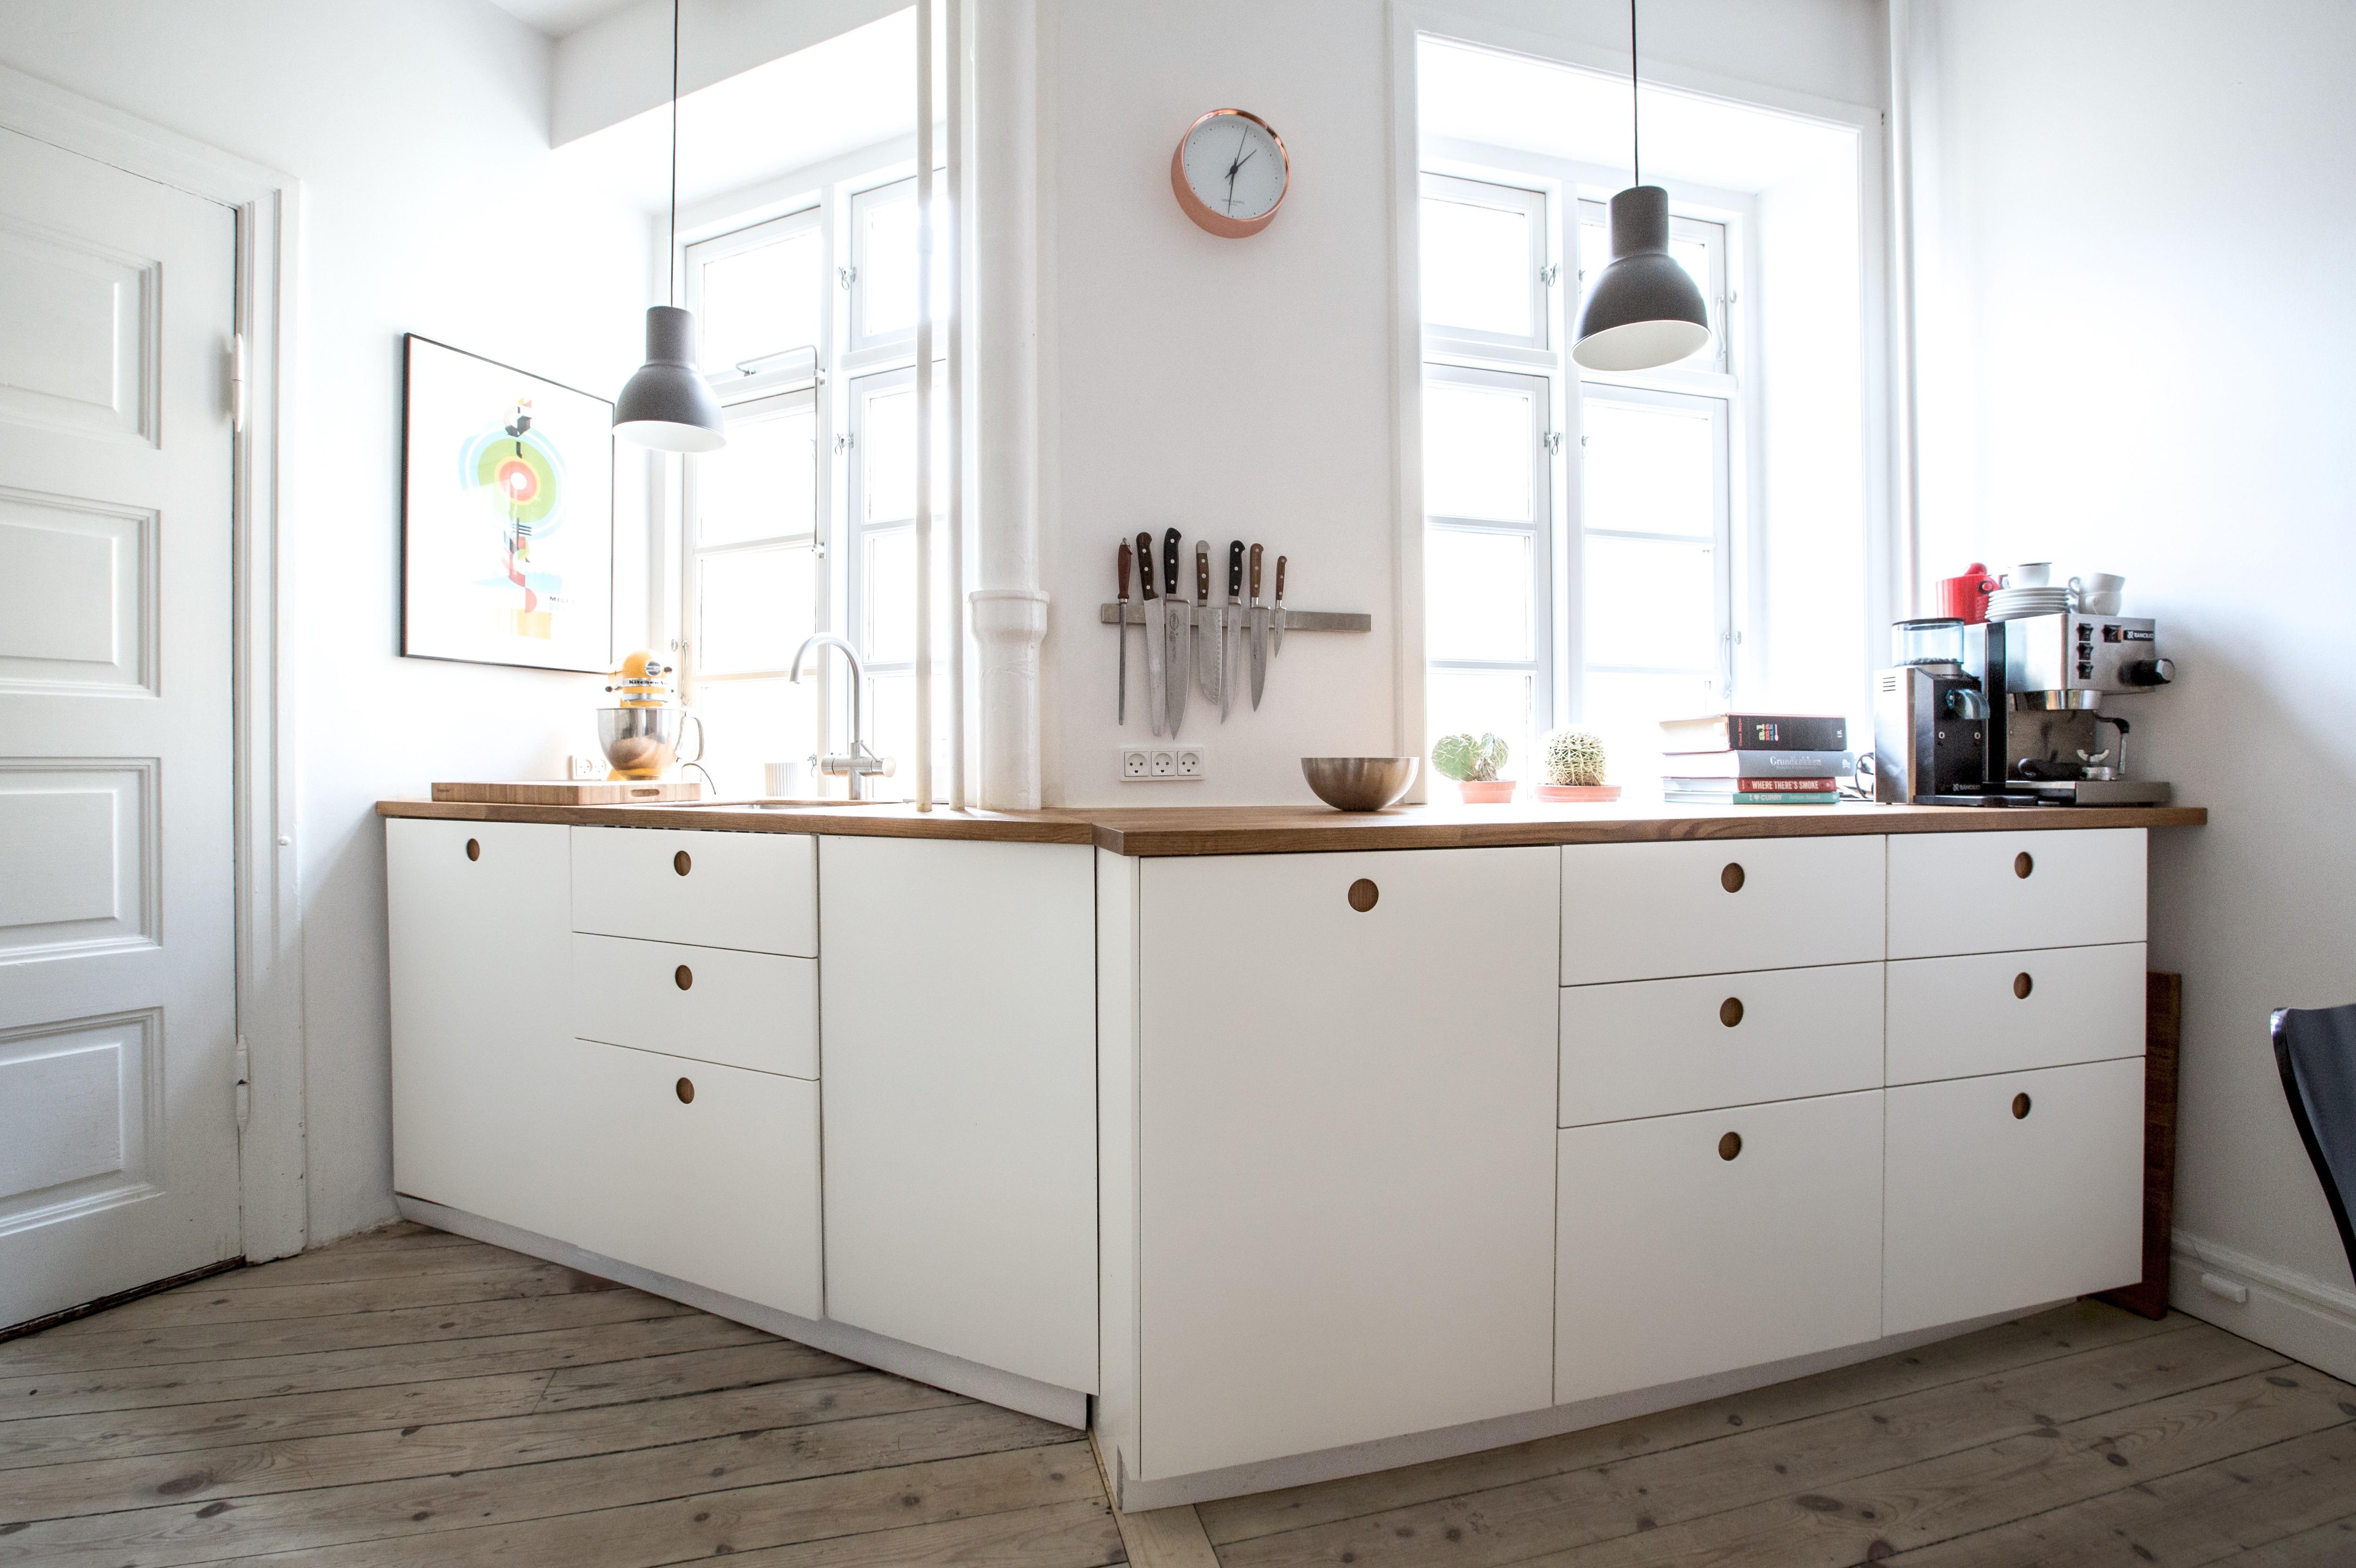 Beautiful Piano Lavoro Cucina Ikea Gallery - Ideas & Design 2017 ...